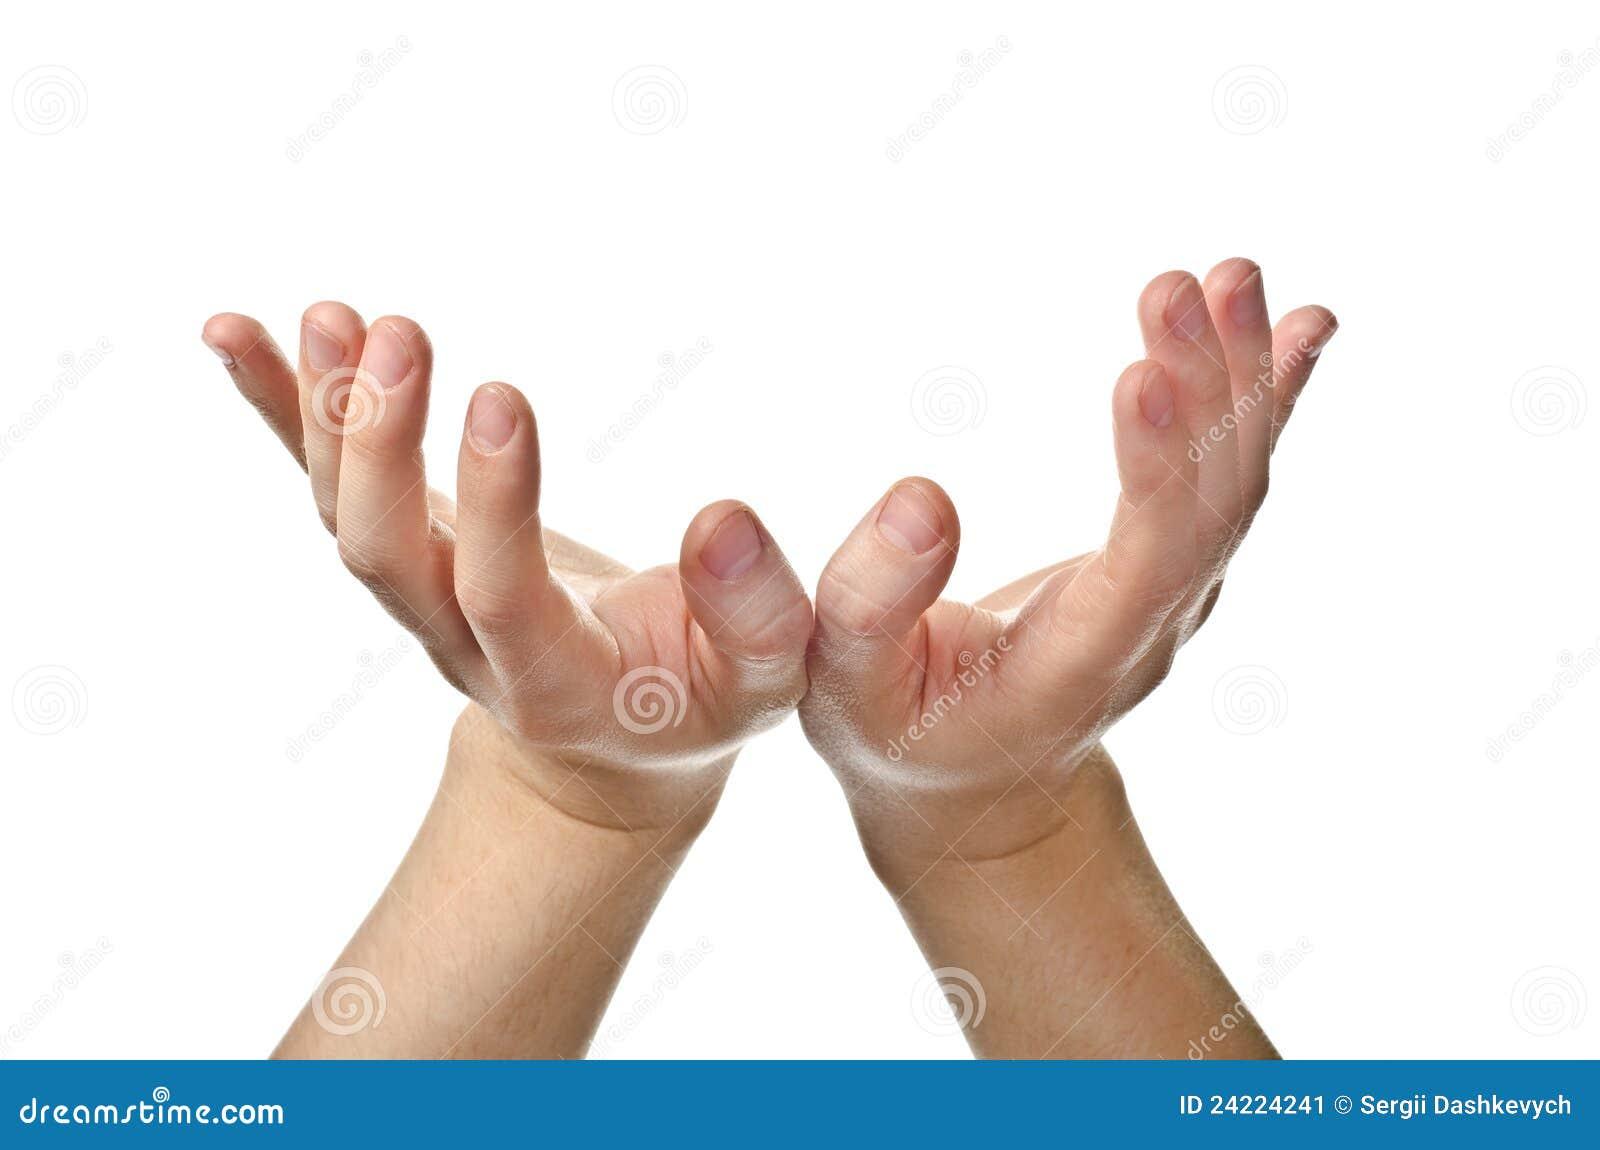 Посмотрите на свою руку и сравните